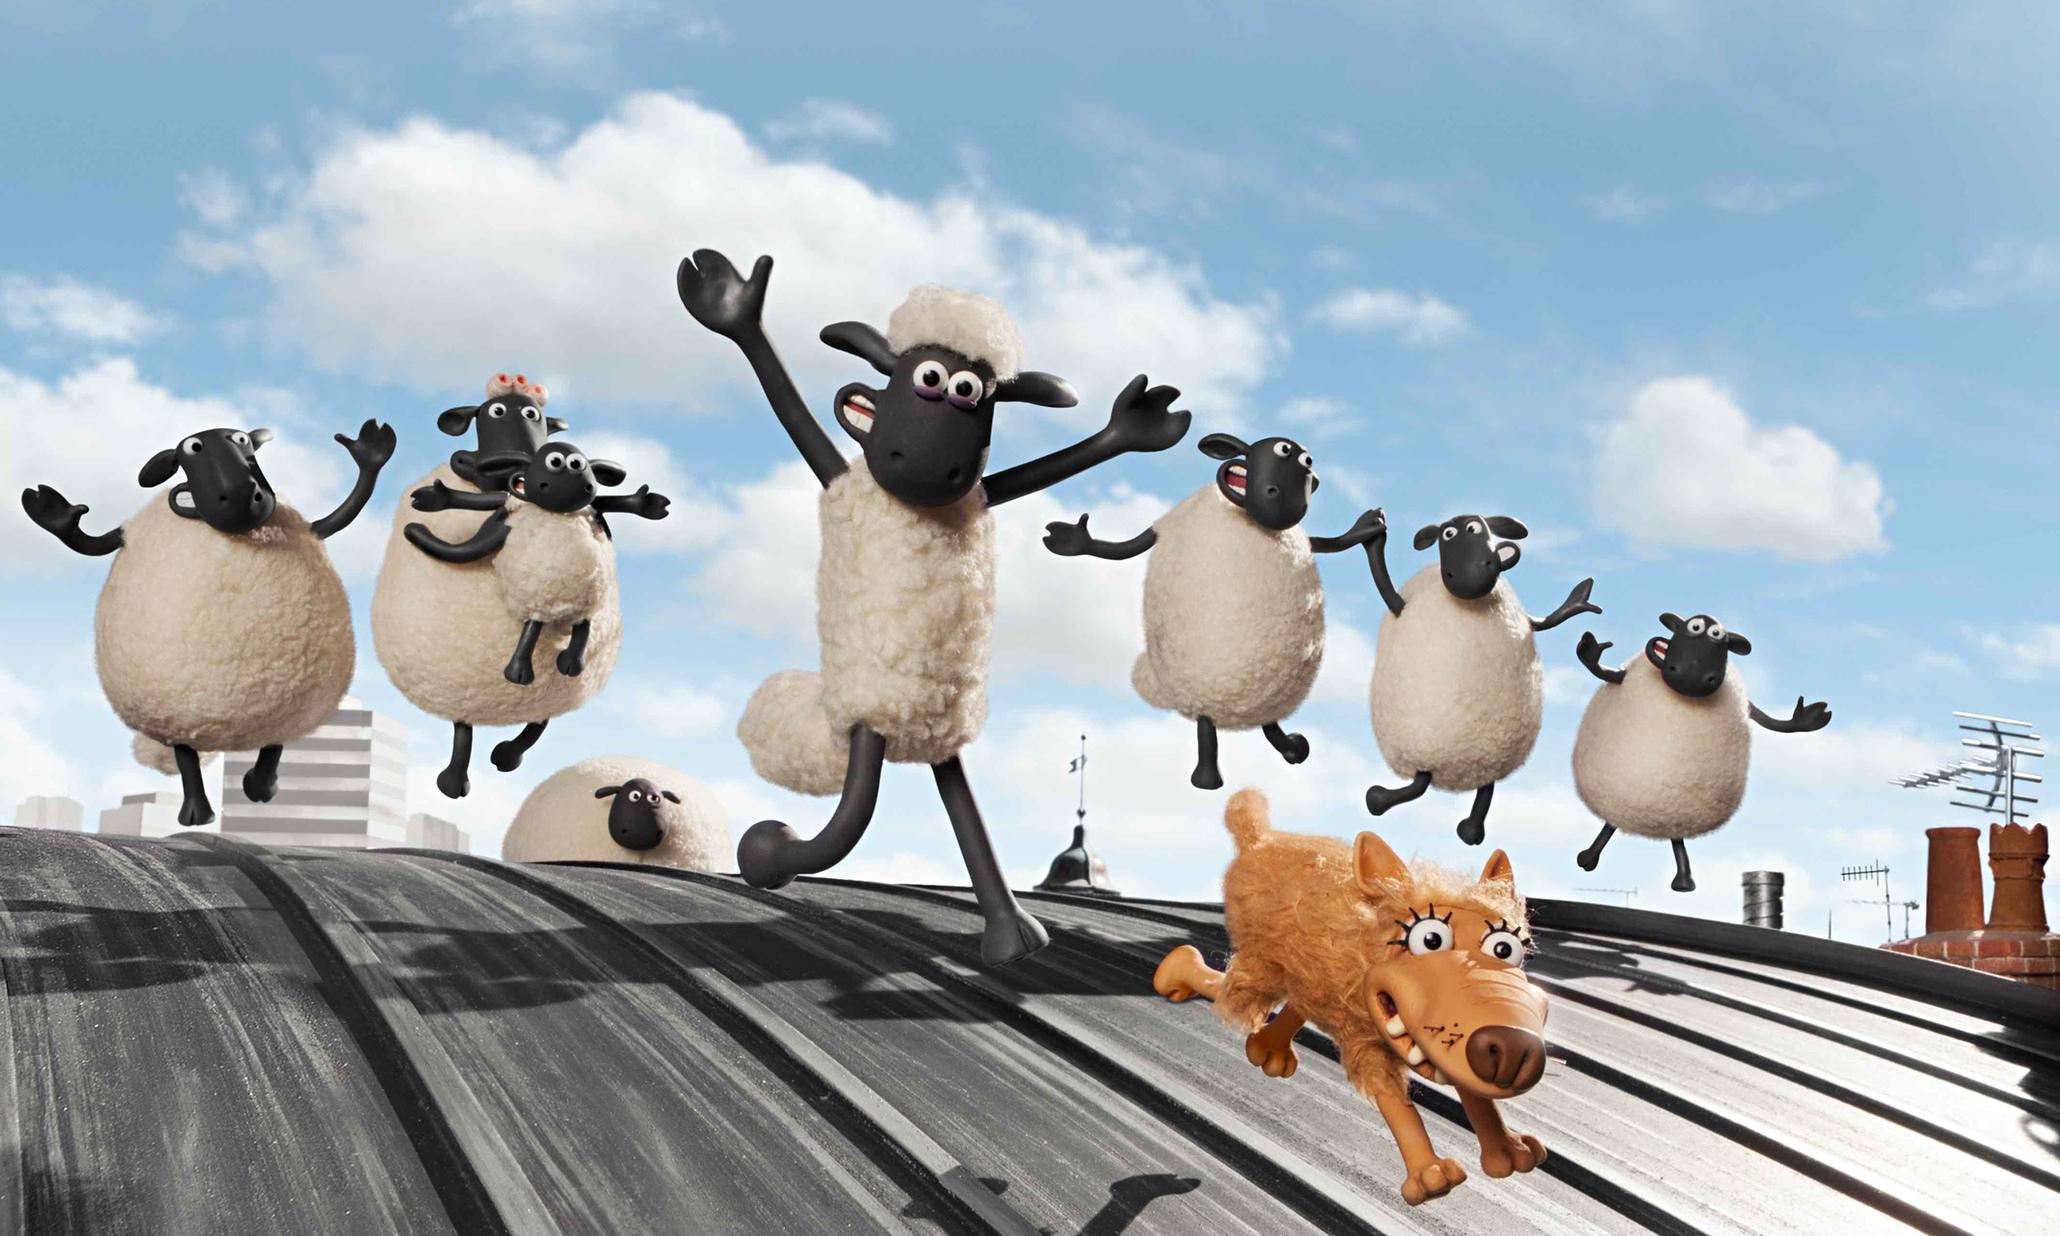 Cừu Quê Ra Phố - Image 1